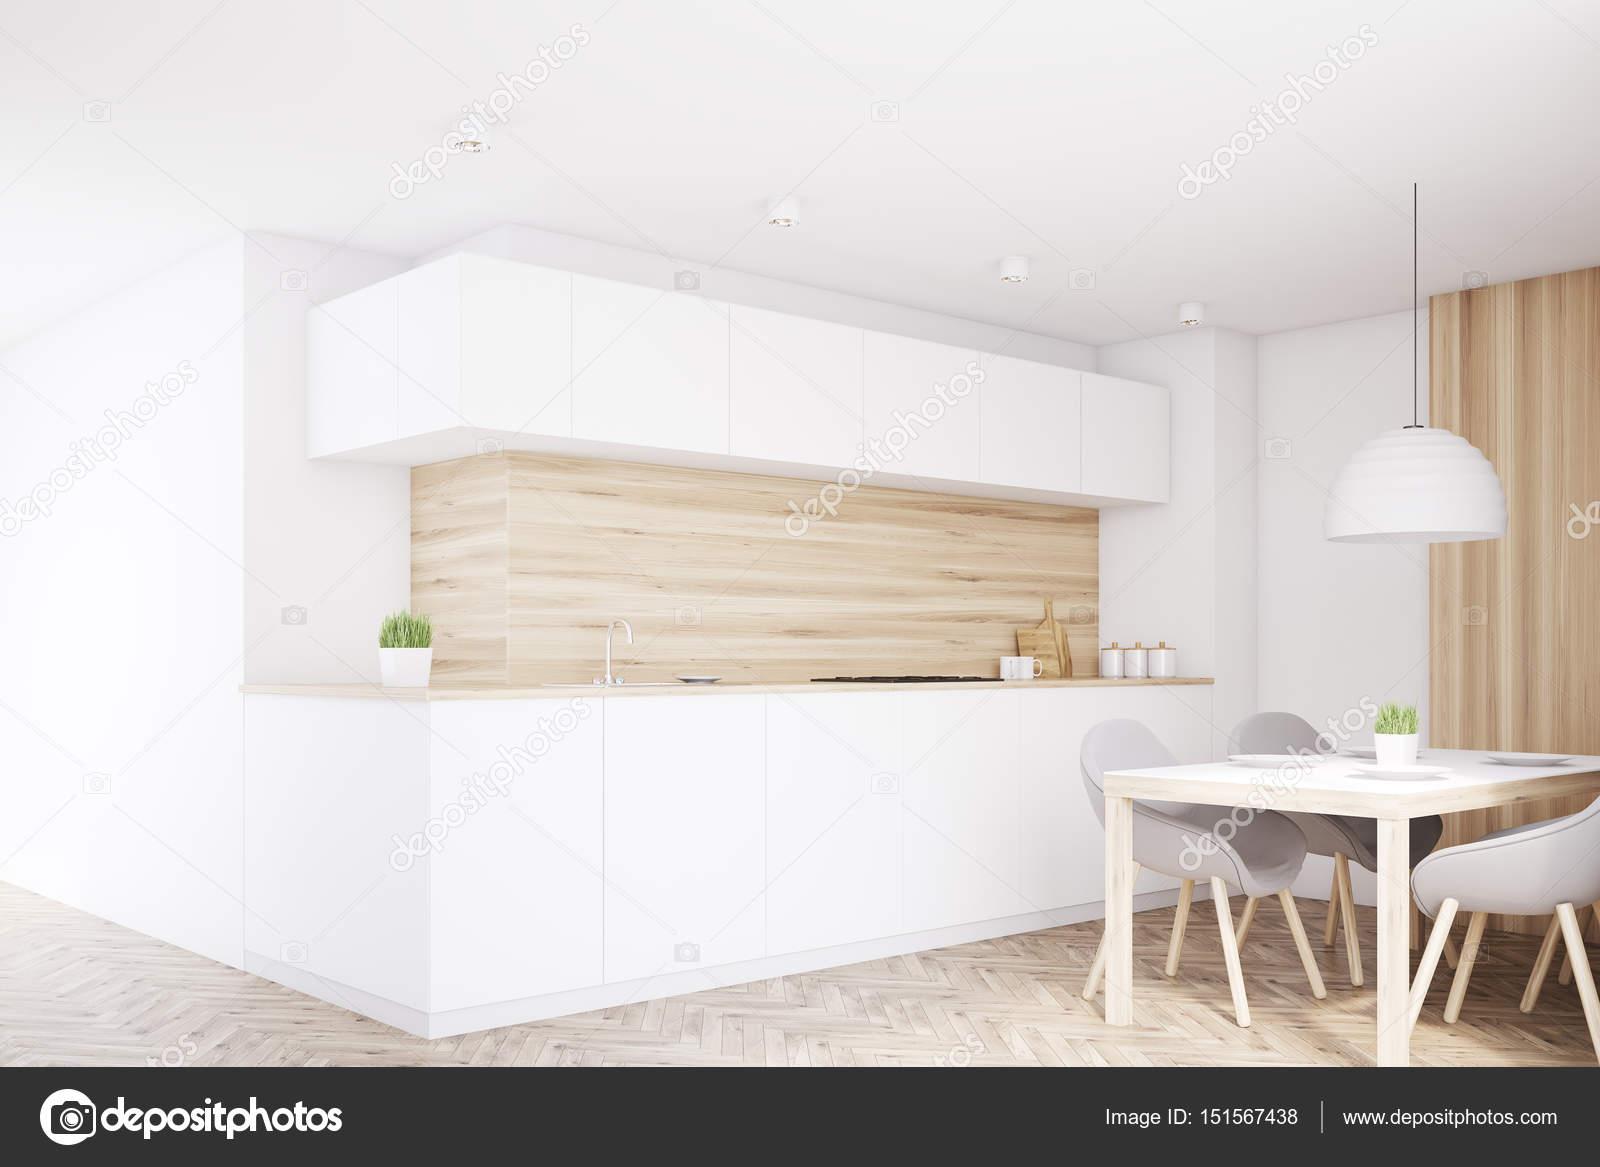 Bancone della cucina, tavolo, angolo di luce — Foto Stock ...